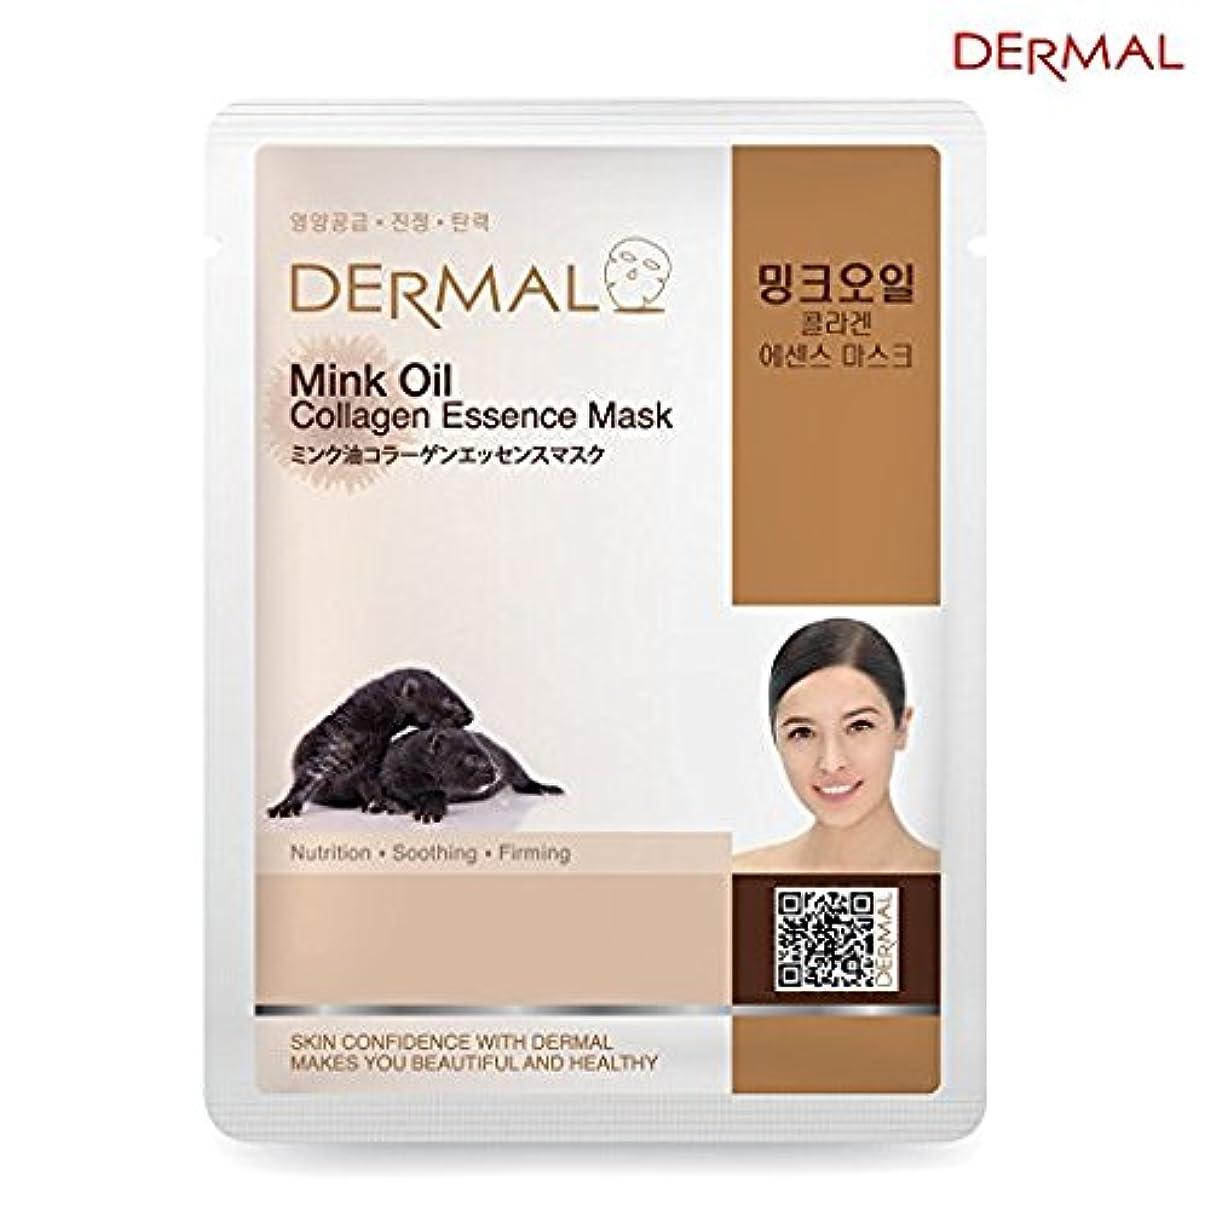 メディカル矩形お手伝いさんシート マスク ミンク油エキス ダーマル Dermal 23g (10枚セット) 韓国コスメ コラーゲンエッセンスマスク フェイス パック